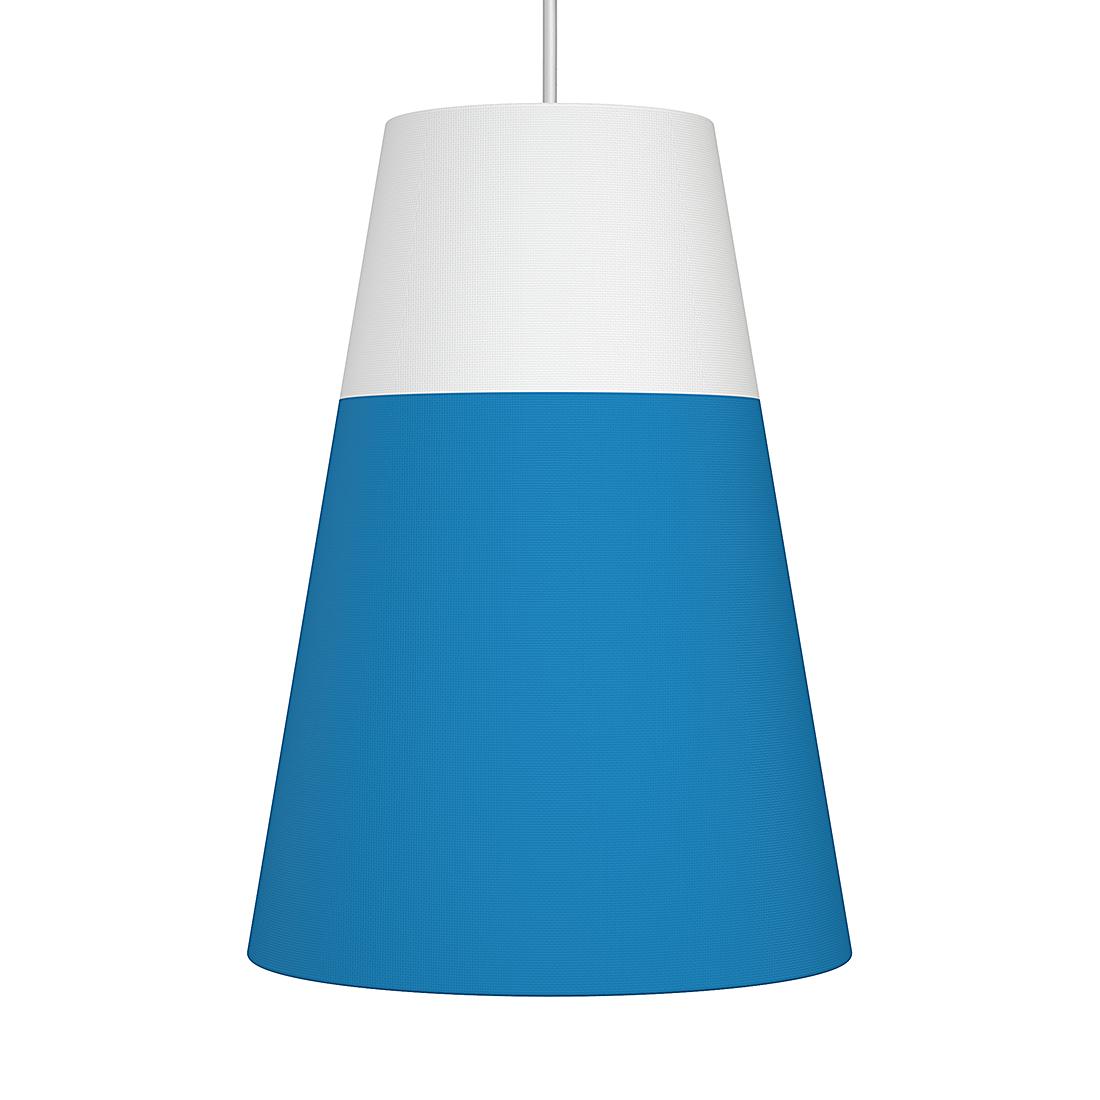 Nordlux Hanglamp Respect - textiel, metaal - lichtblauw, mat zilverkleurig (Diameter: 22/12cm) Home24